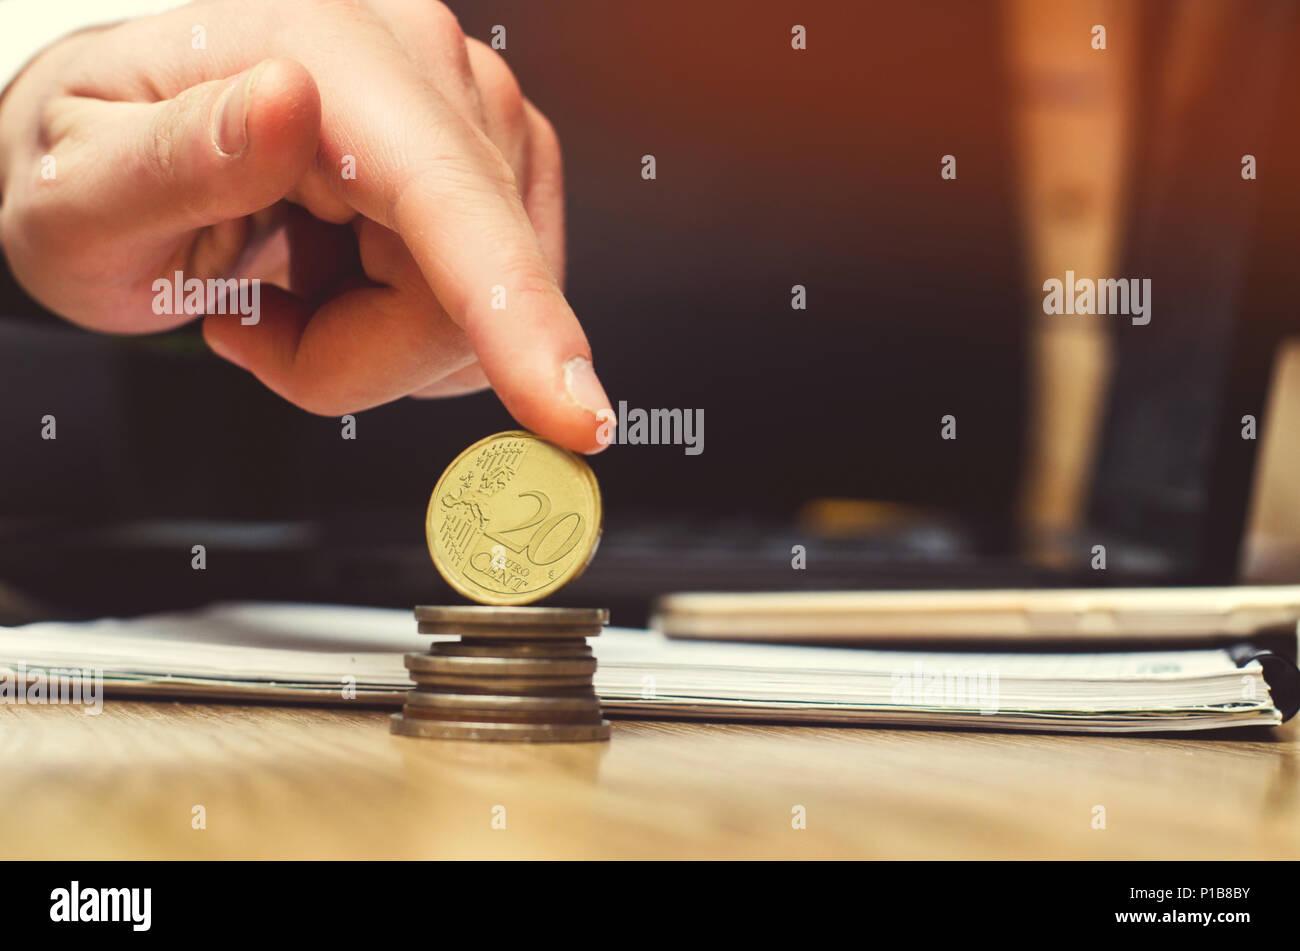 Geld Und Investment Konzept Sparen Euro Münze Stockfoto Bild